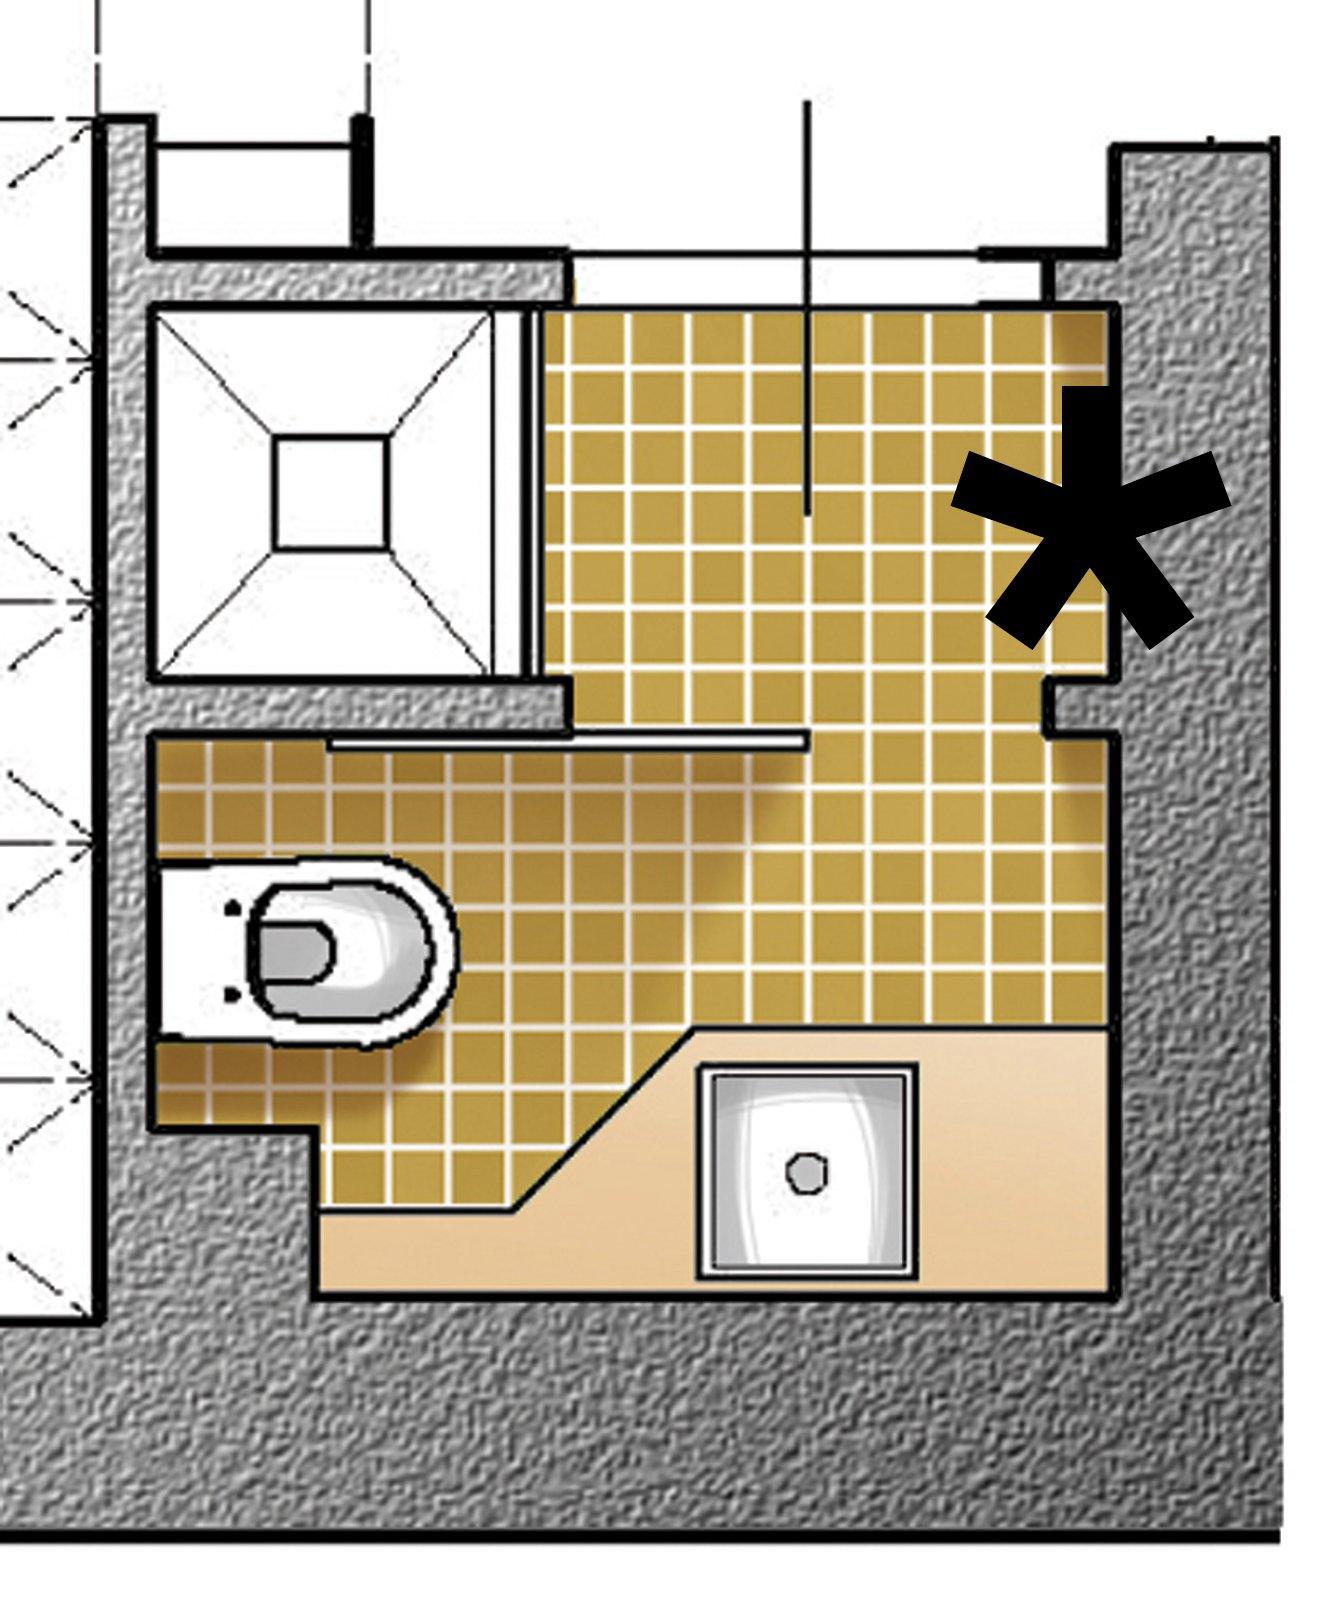 Dal bagno lungo e stretto ricavare la lavanderia il - Progetto di un bagno ...